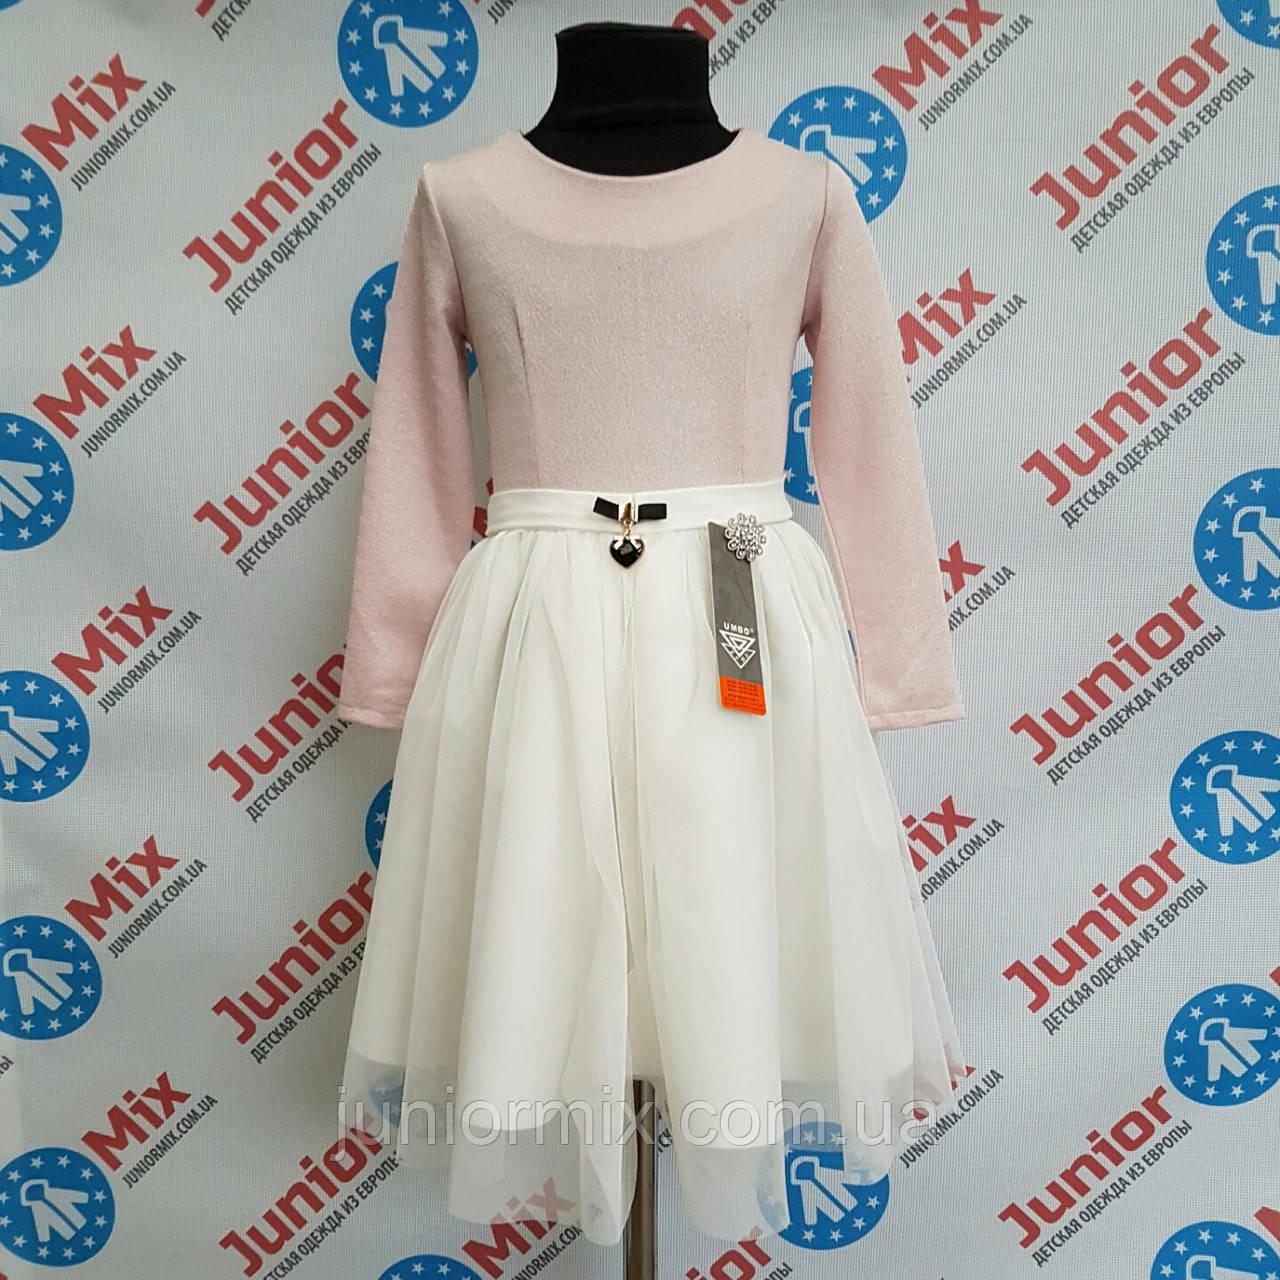 Платье детское на девочку UMBO.ПОЛЬША.